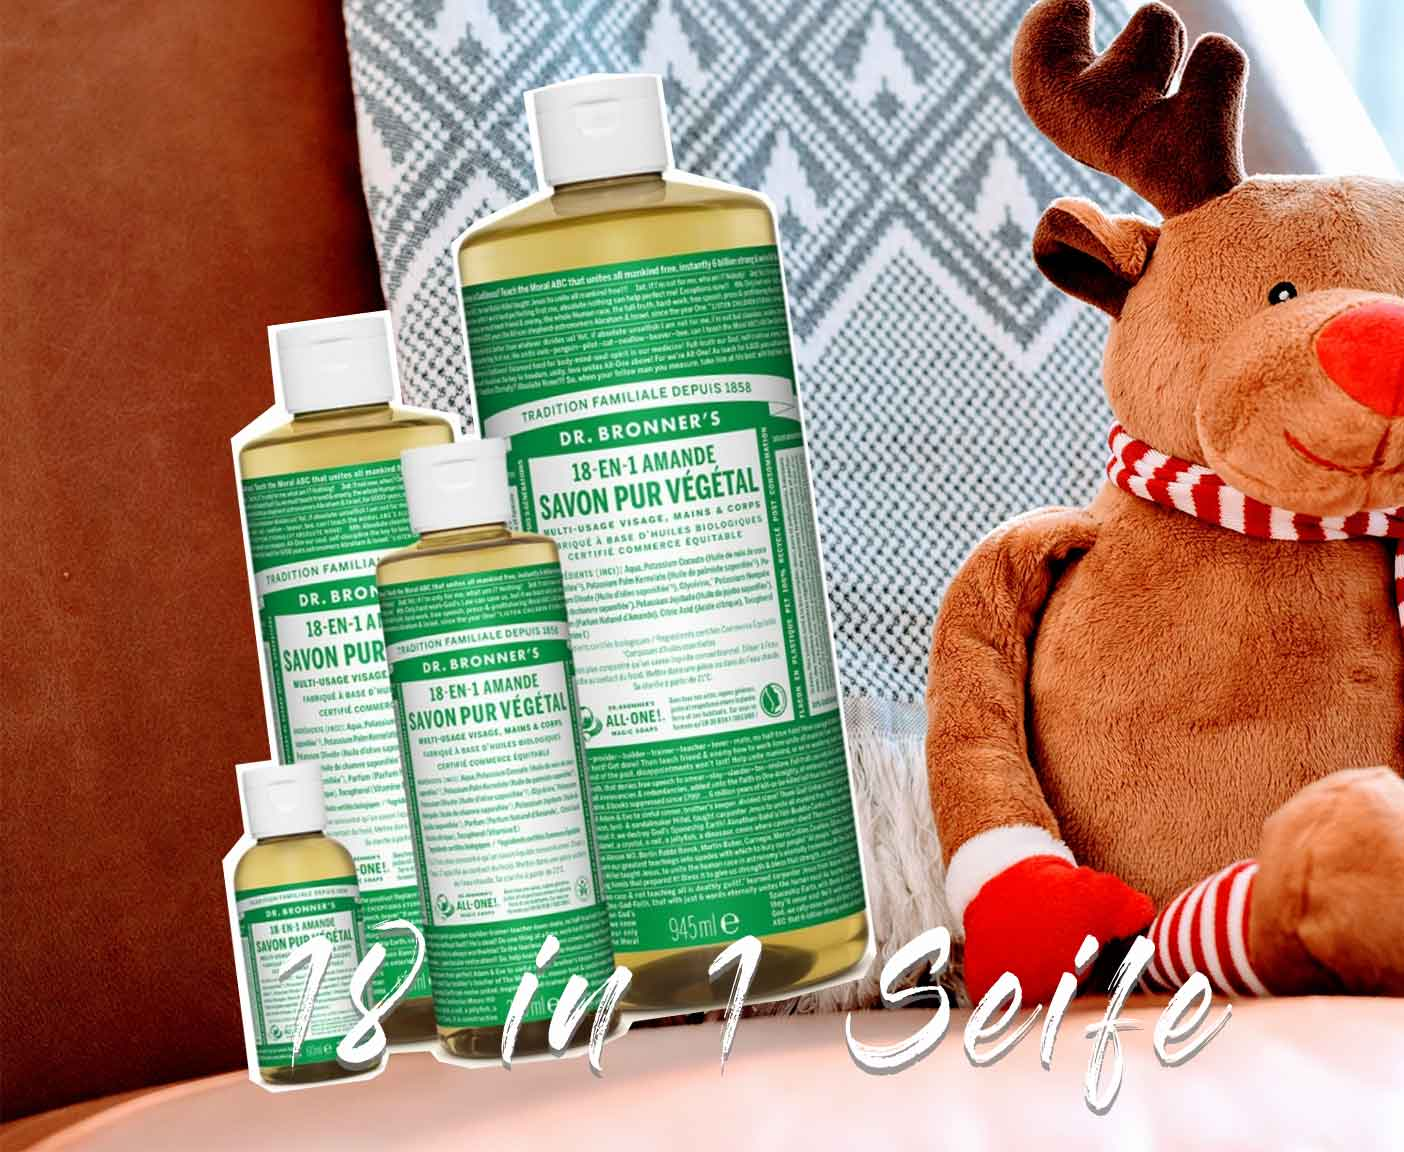 camper-geschenk-weihnachten-geschenkideen-wohnmobil-lustige-accessoires-geschenkkorb-camping-ideen-campen-geburtstag-camp-geschichten-vanlife-18in1Seife_12